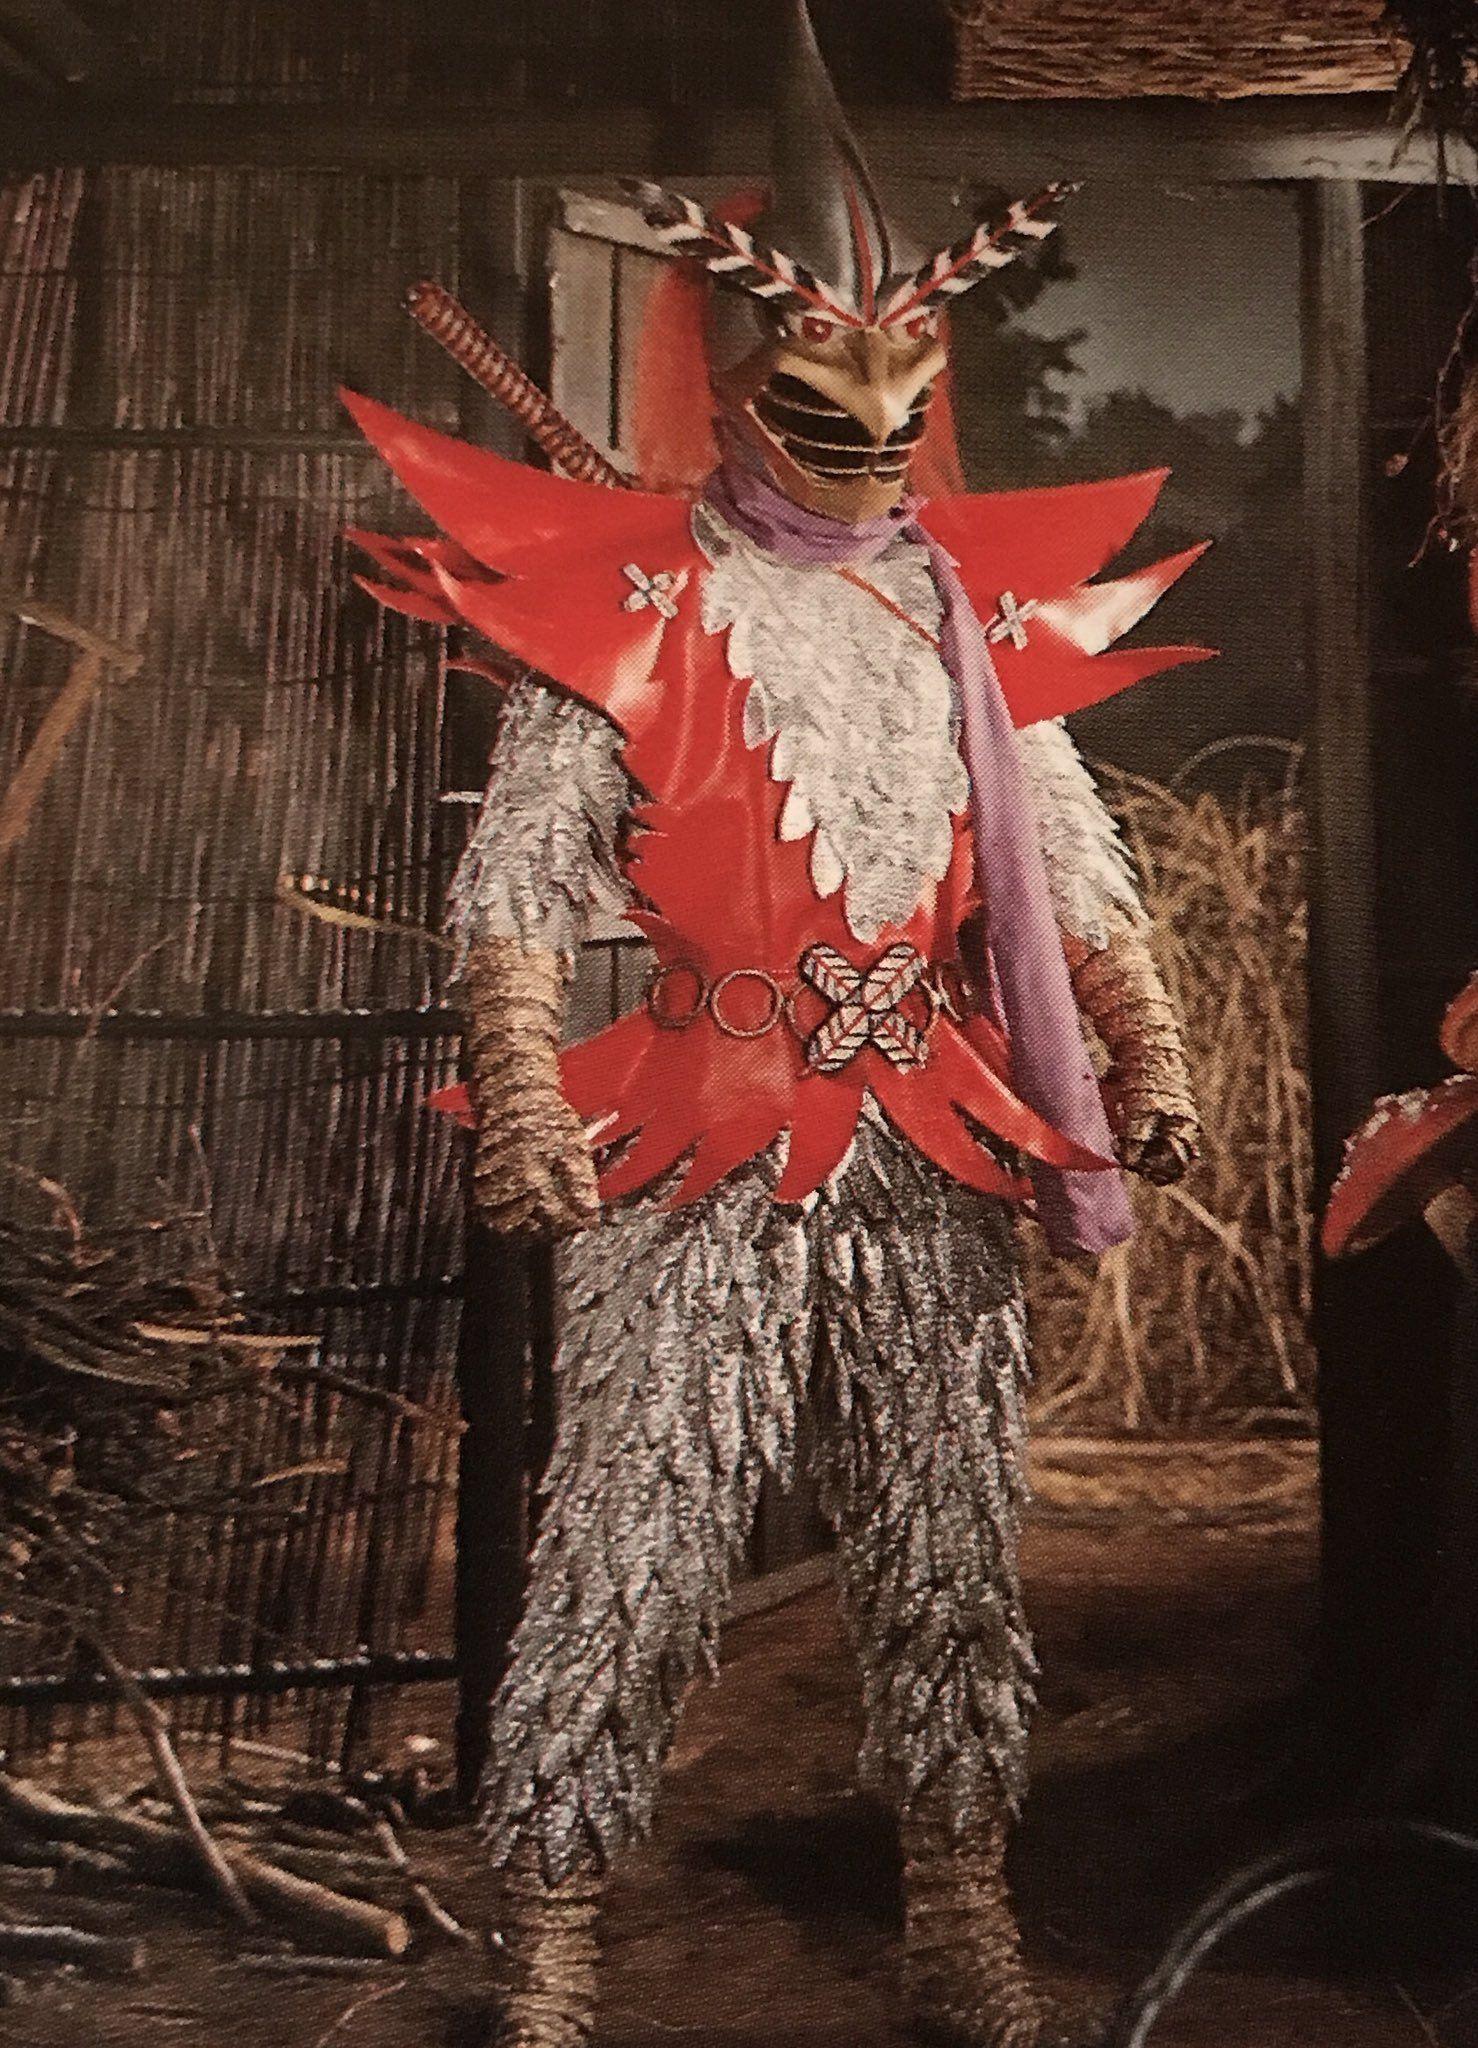 変身忍者嵐 henshin ninjya arashi 特撮ヒーロー 子供時代 正義の味方